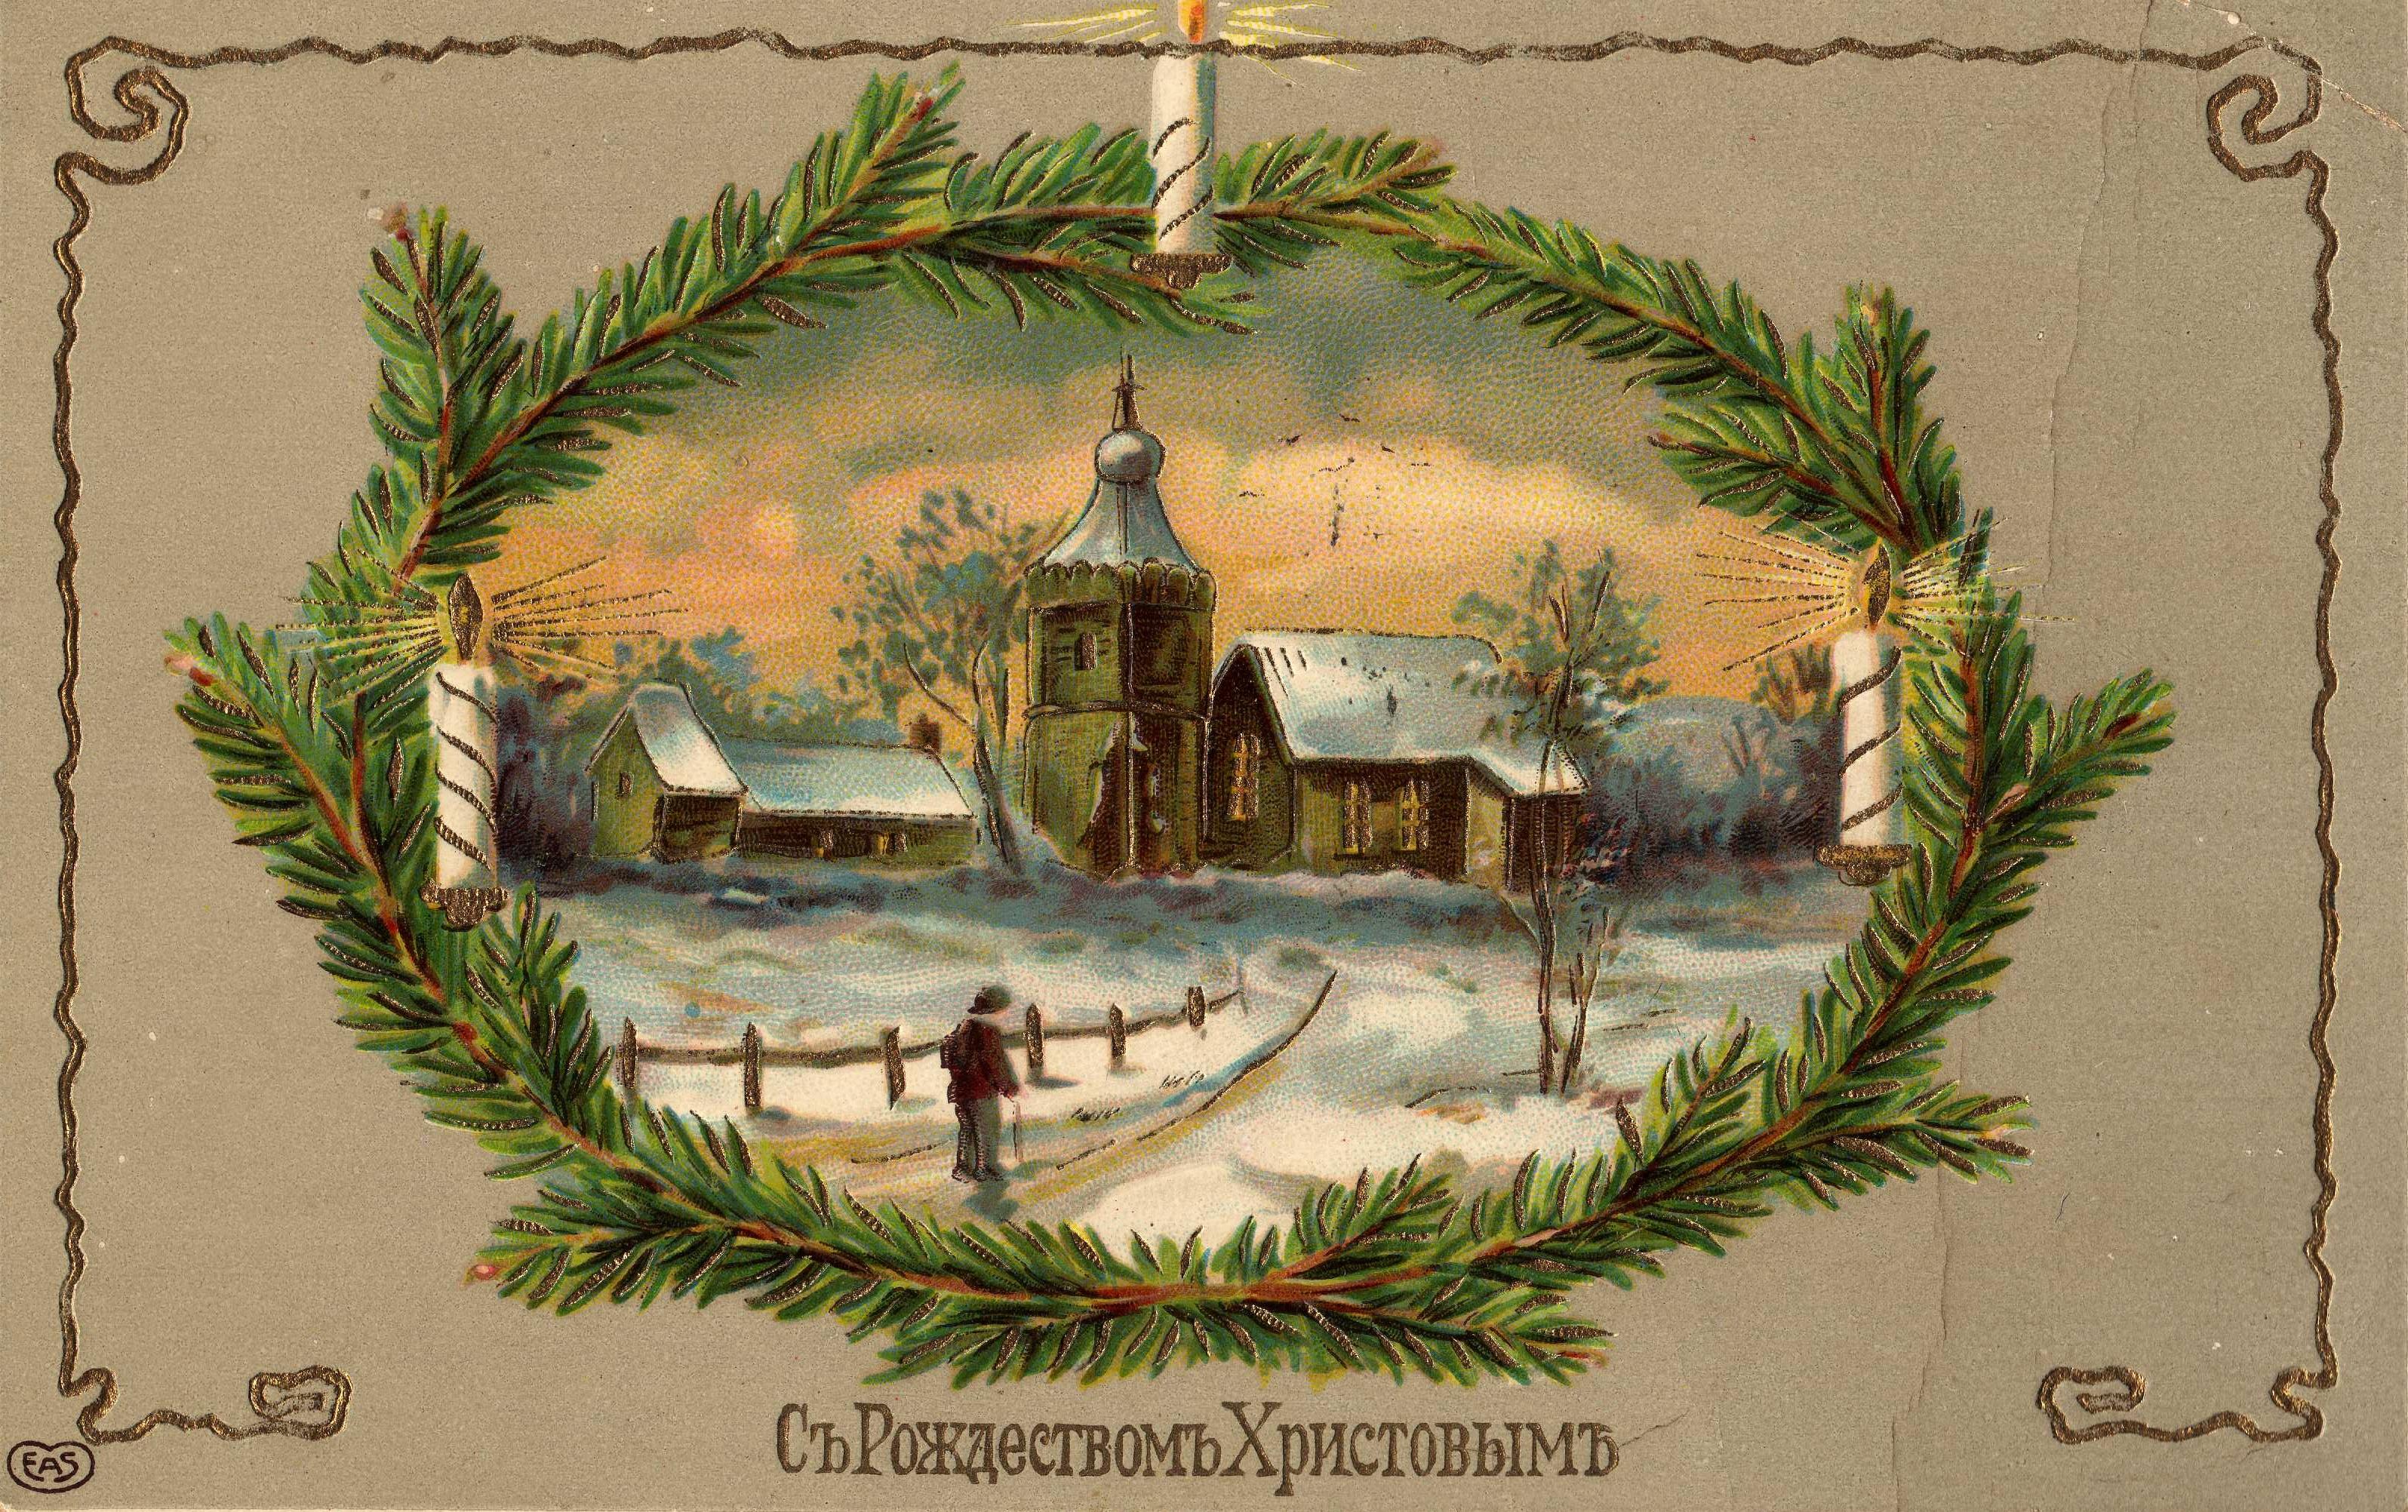 Открытка с рождеством христовым рисунок